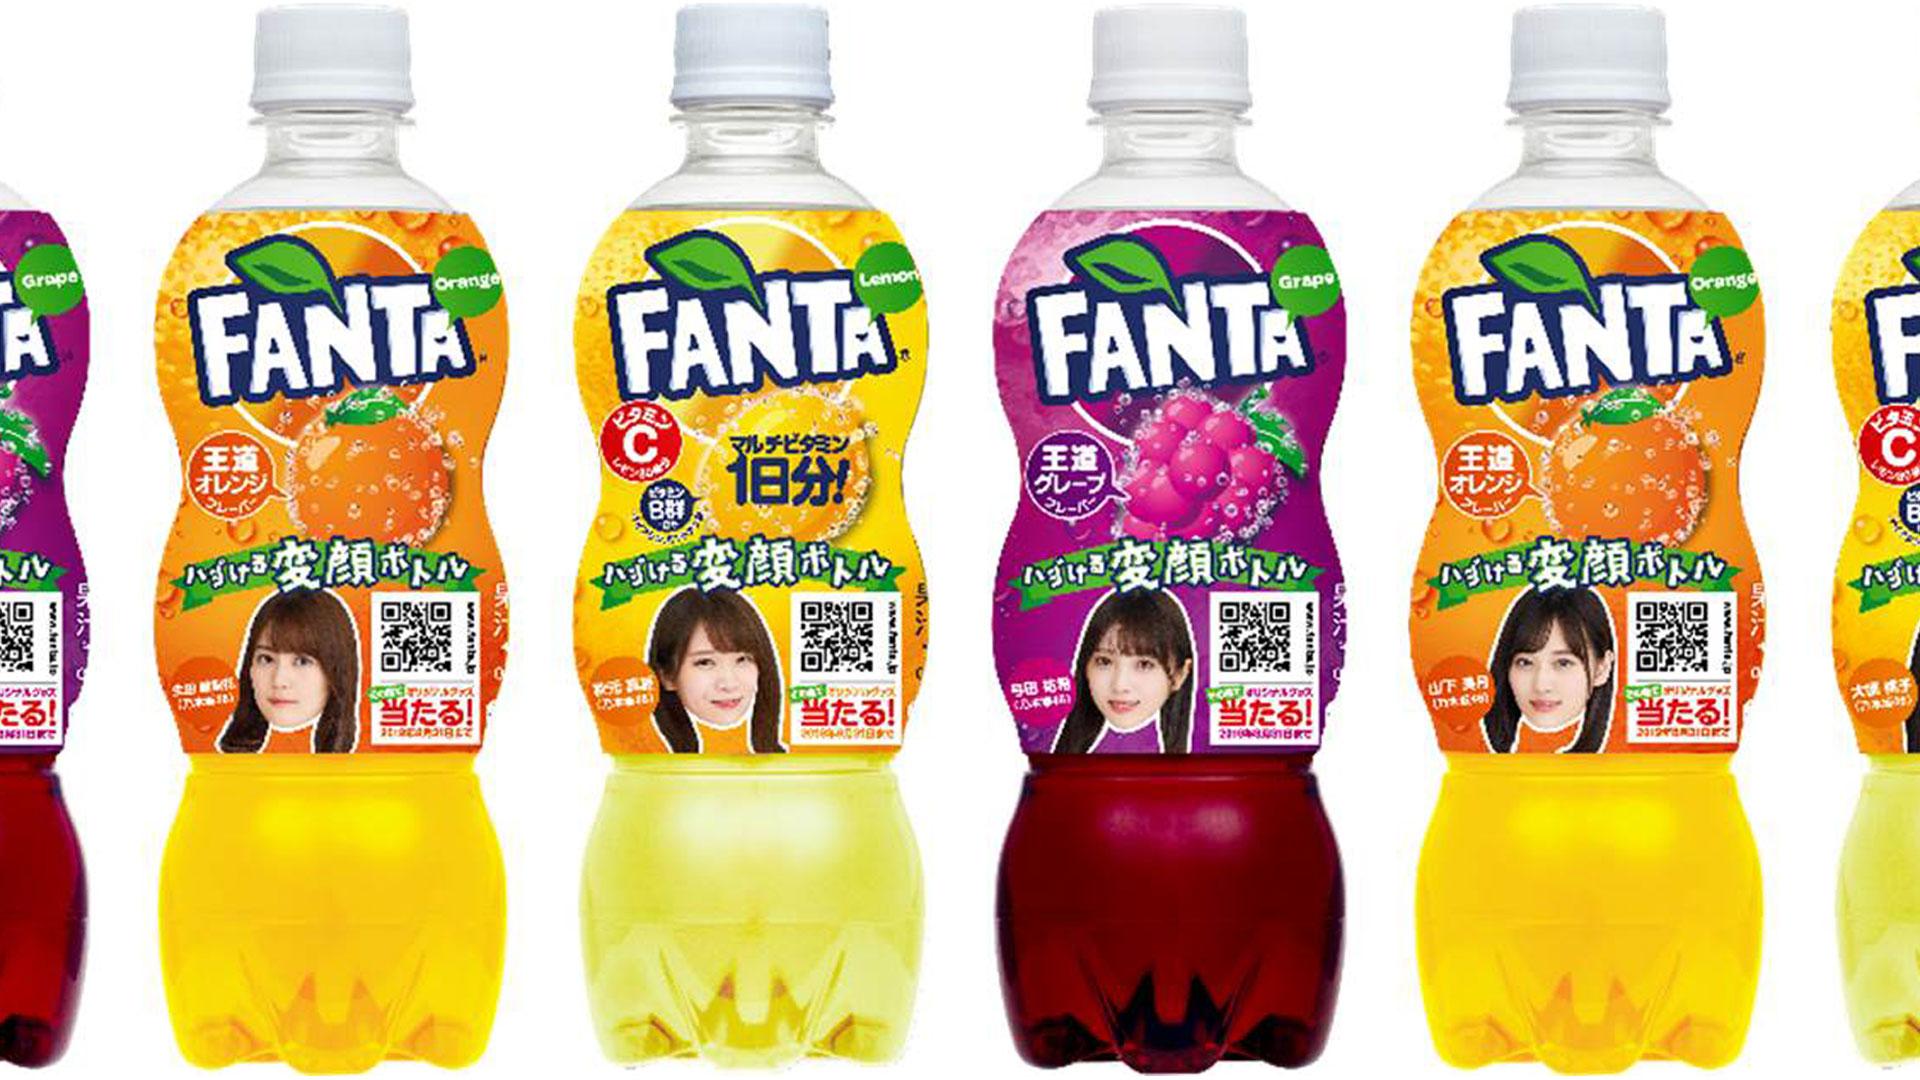 【乃木坂46が「ファンタ」新イメージキャラクターに】他、新着トレンド4月5日